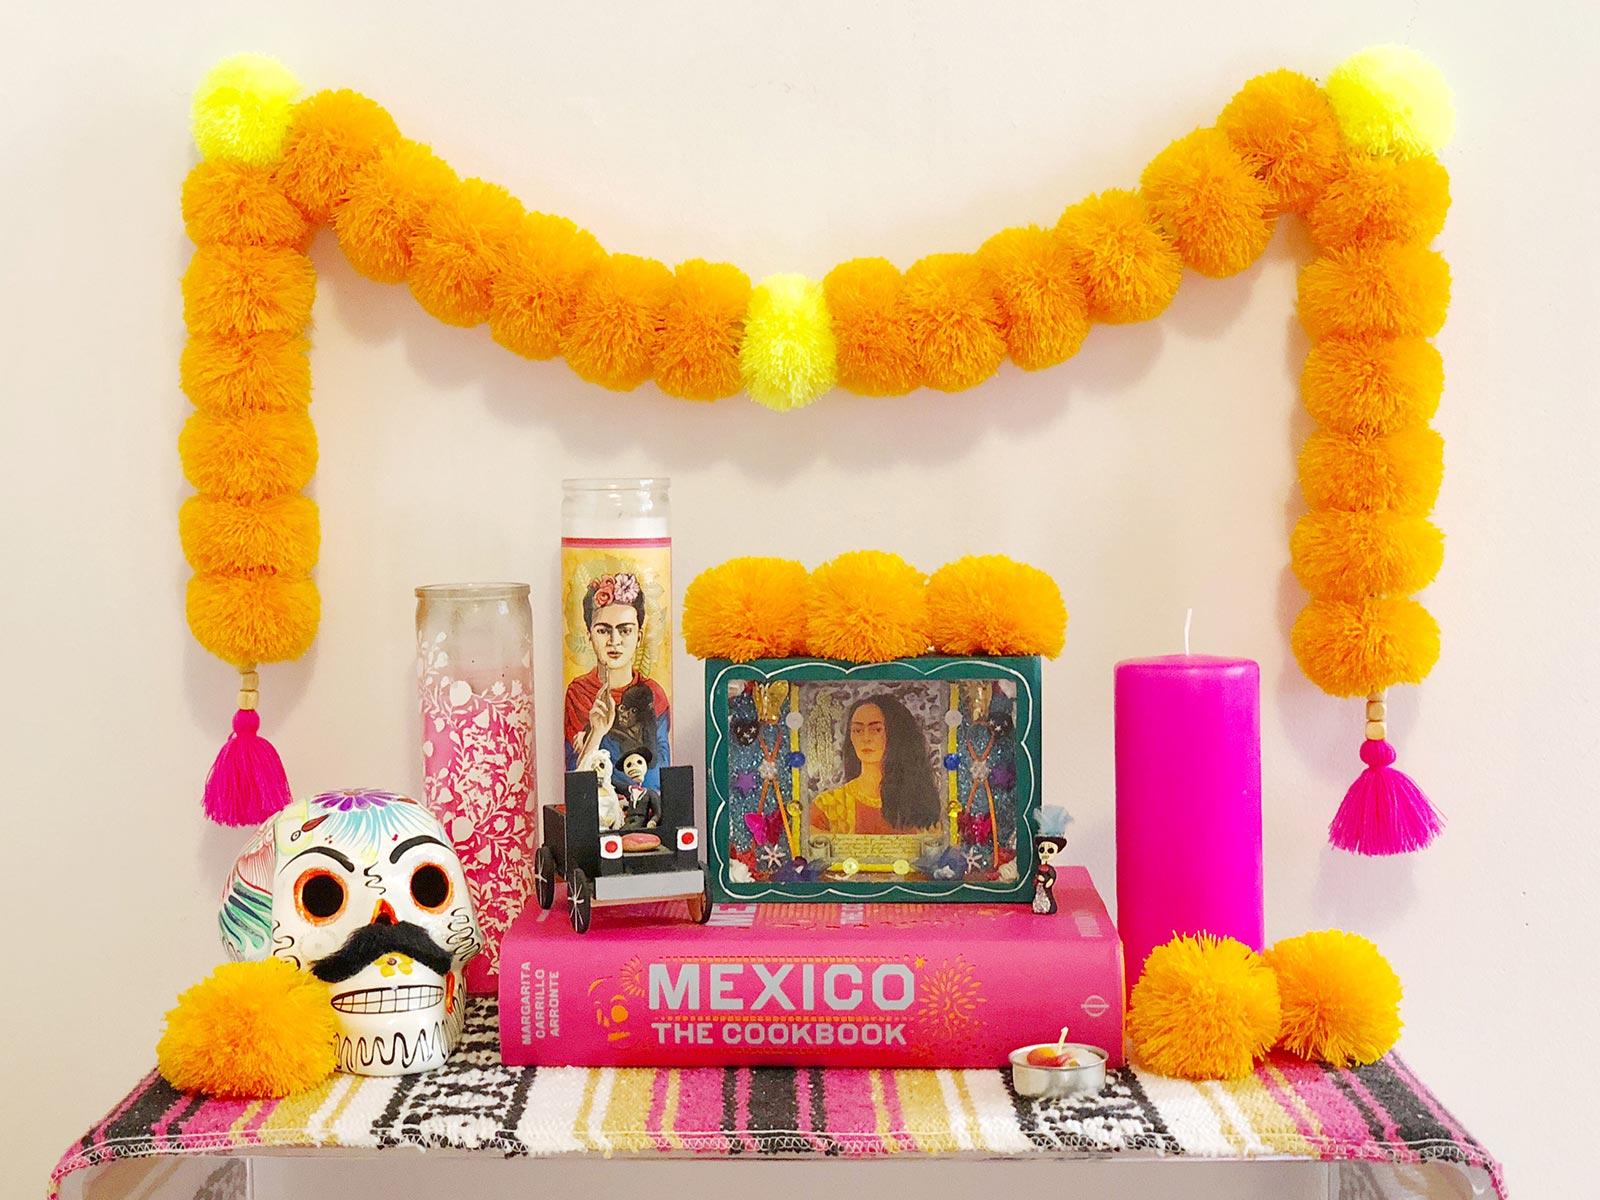 Diy Cempasuchil Marigold Pom Pom Garland With Artelexia